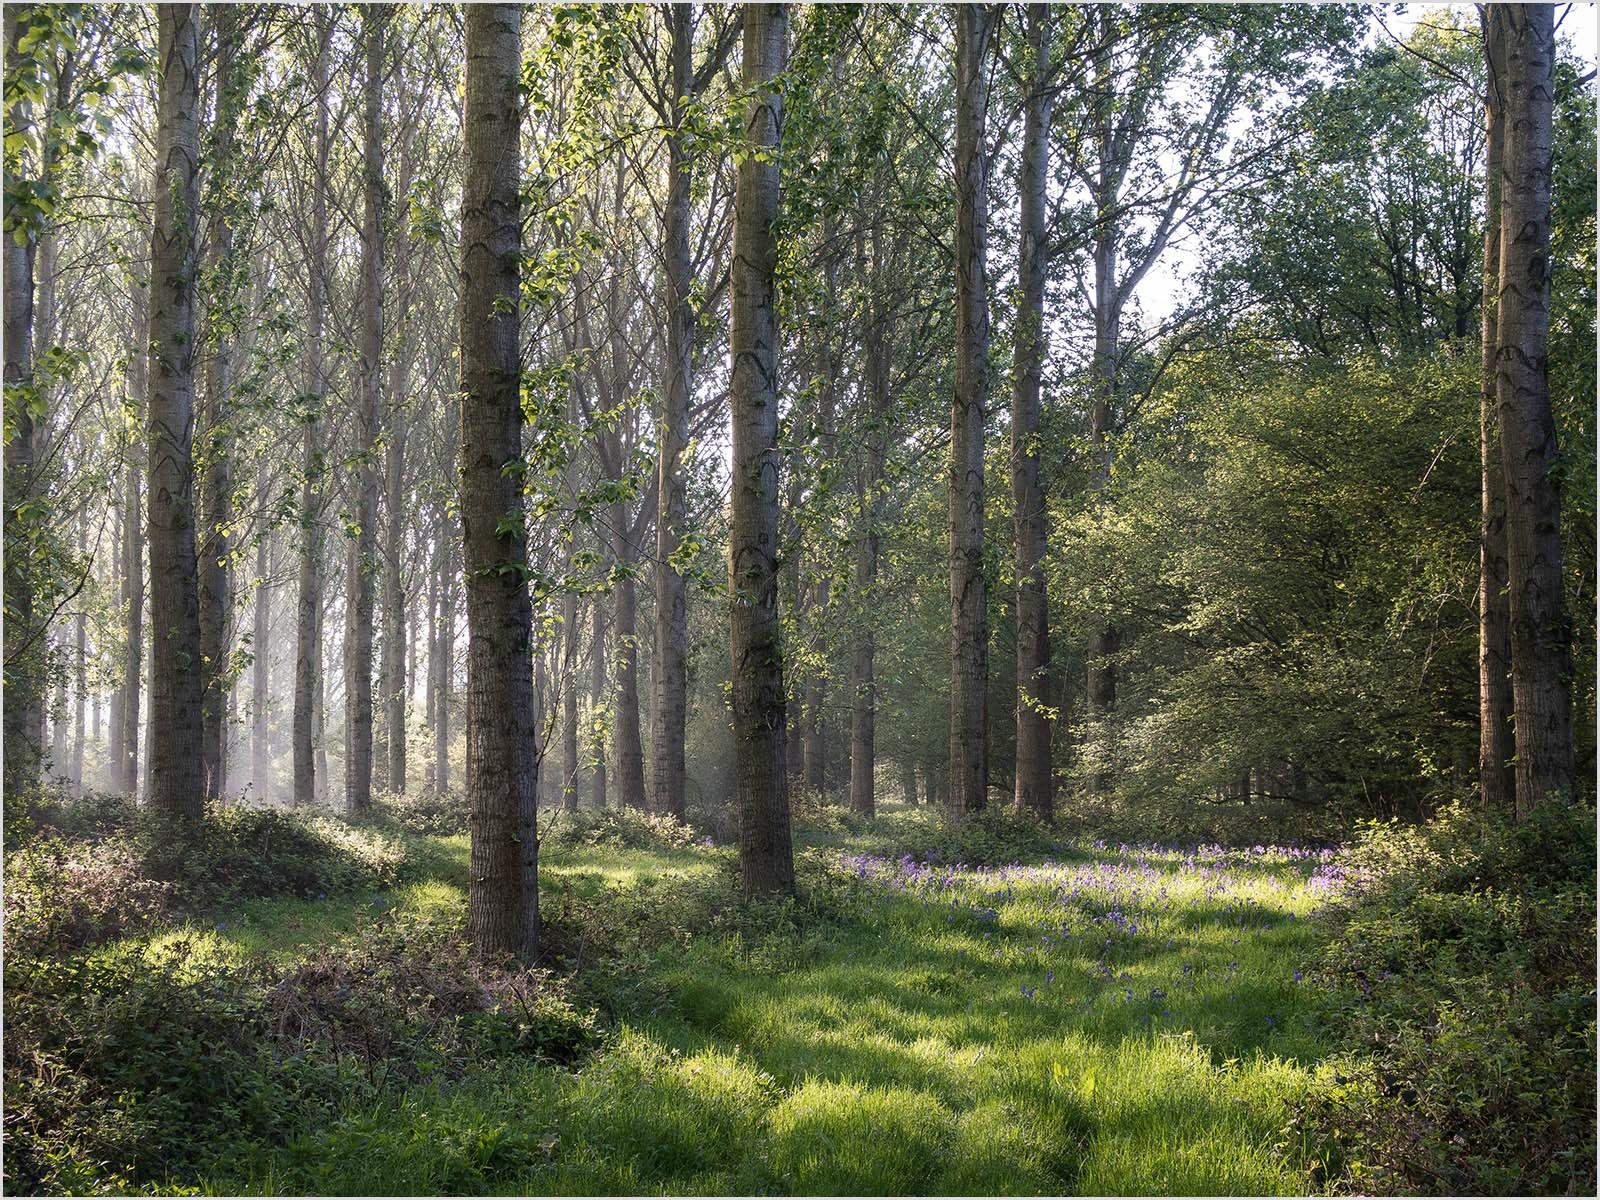 9.Misty Morning in Bluebell Woods